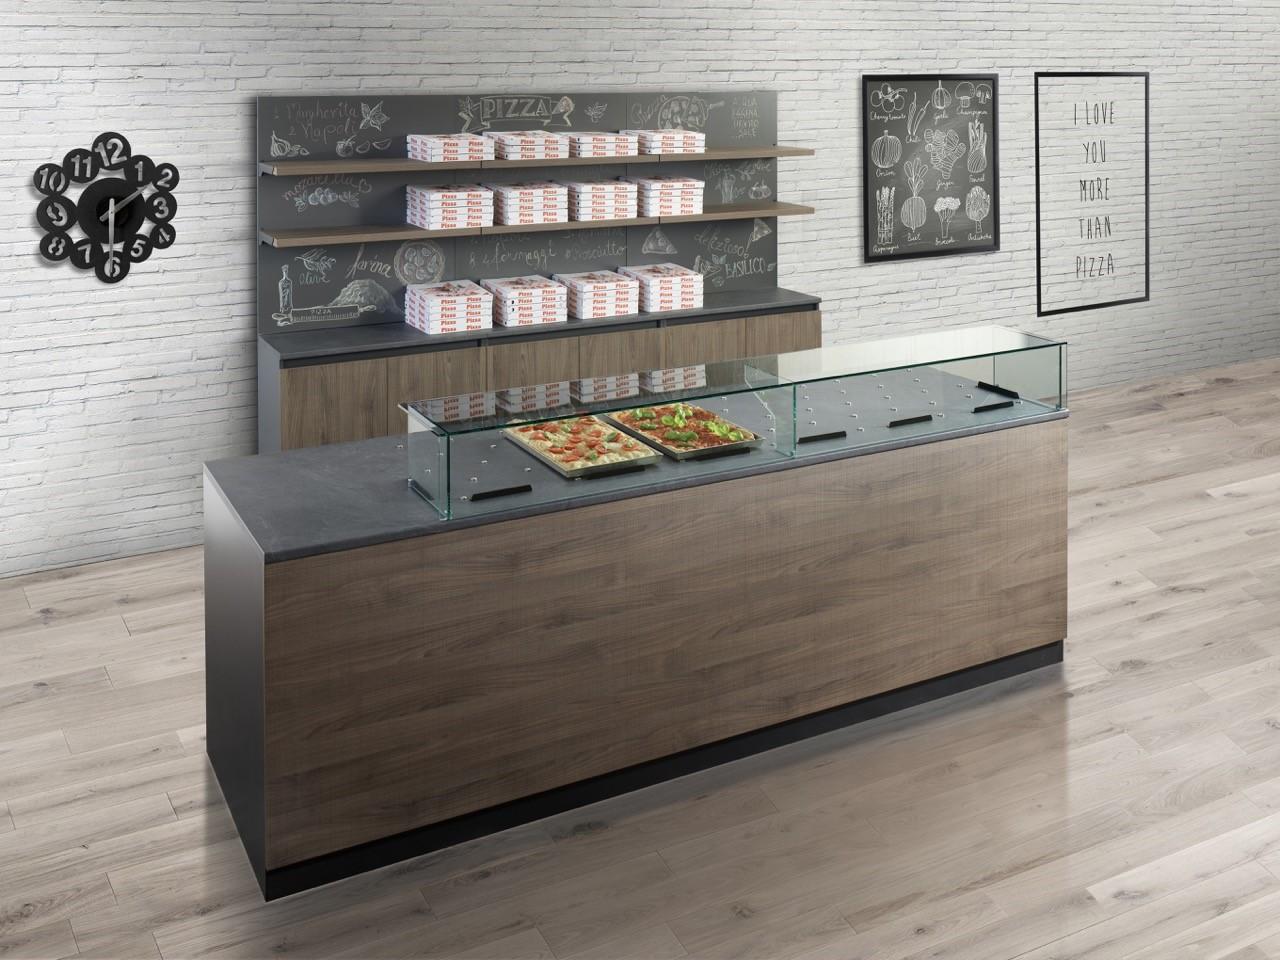 Bakerycafe arredamenti per panetteria panificio bar for Nuovo arredo camerette prezzi